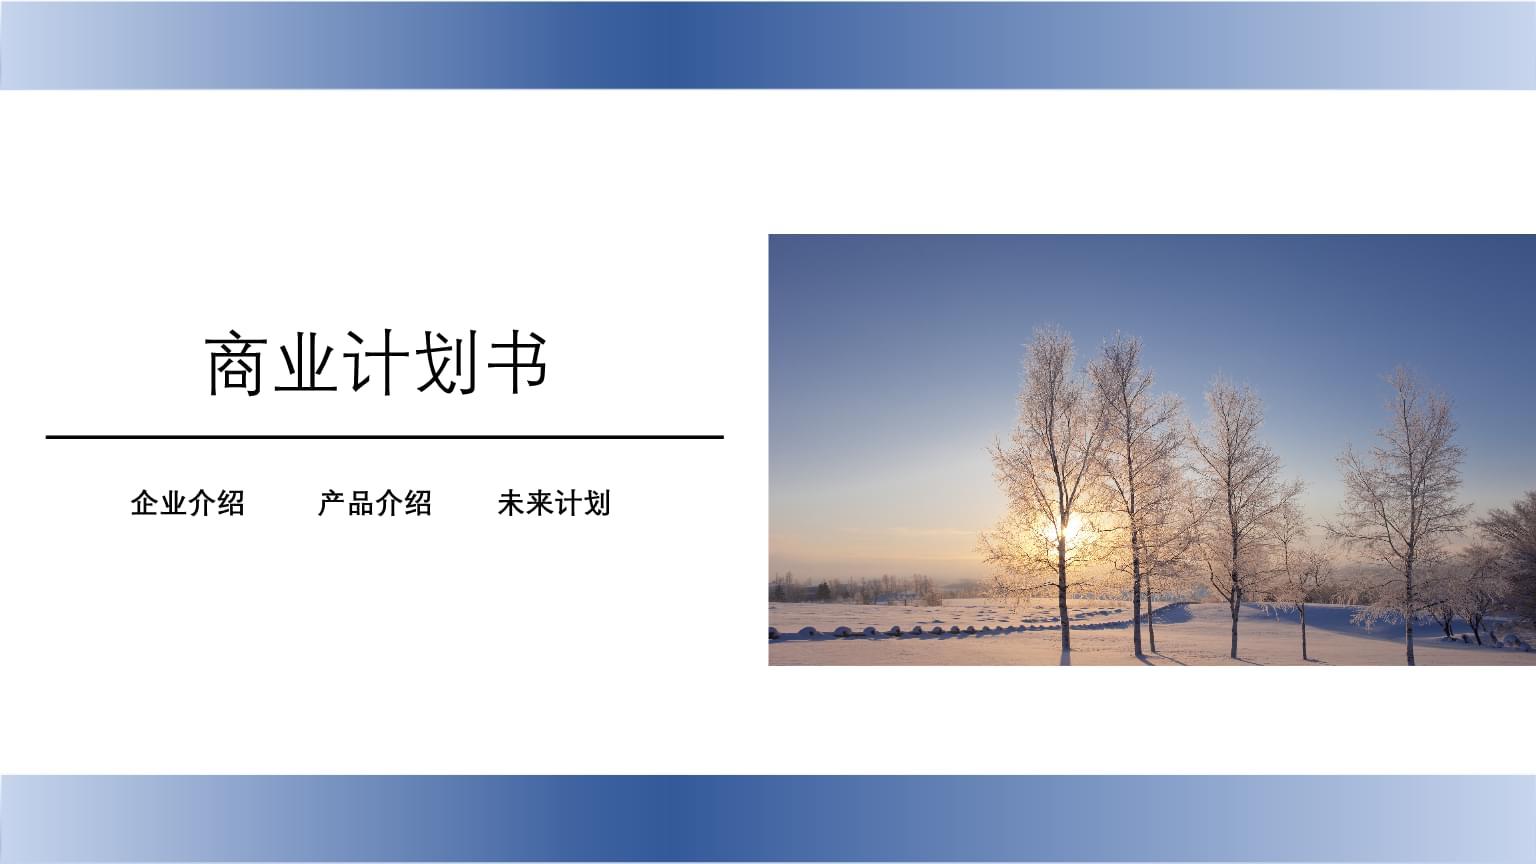 商业计划书企业介绍产品介绍16.pptx